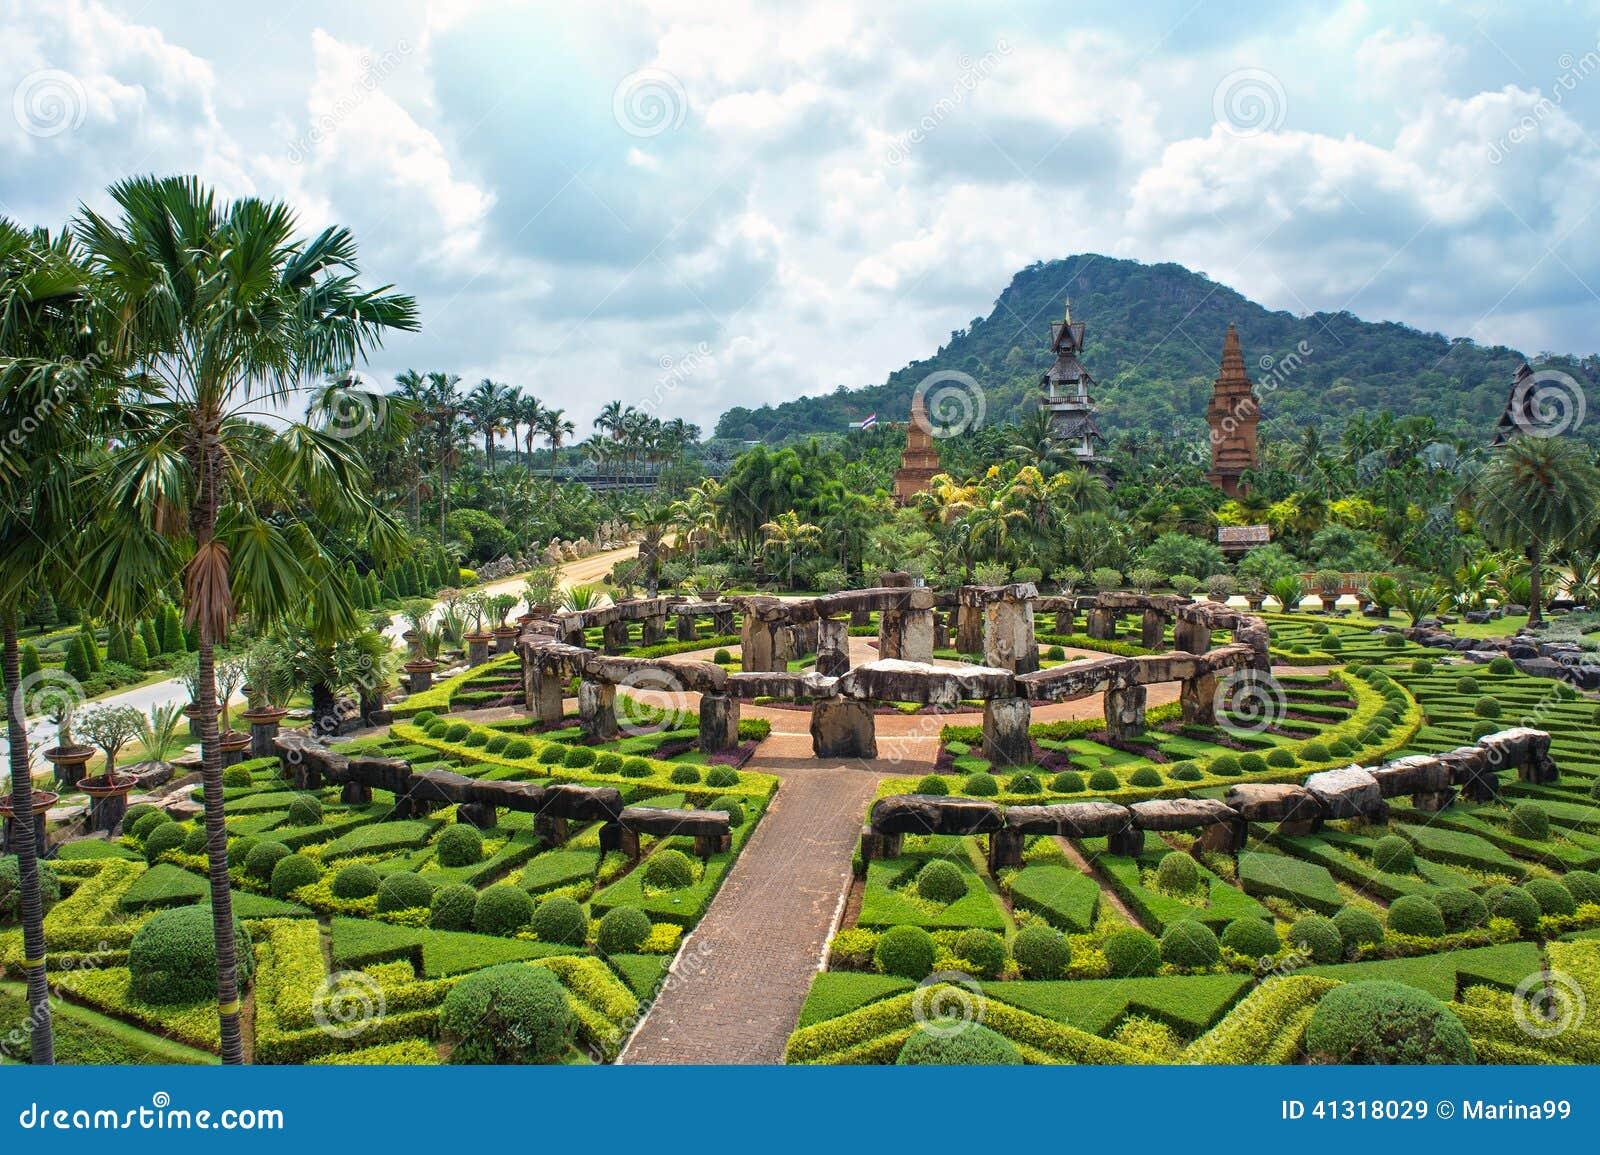 Nong Nooch Tropical Botanical Garden Pattaya Thailand Stock Image Image Of Fresh Nongnooch